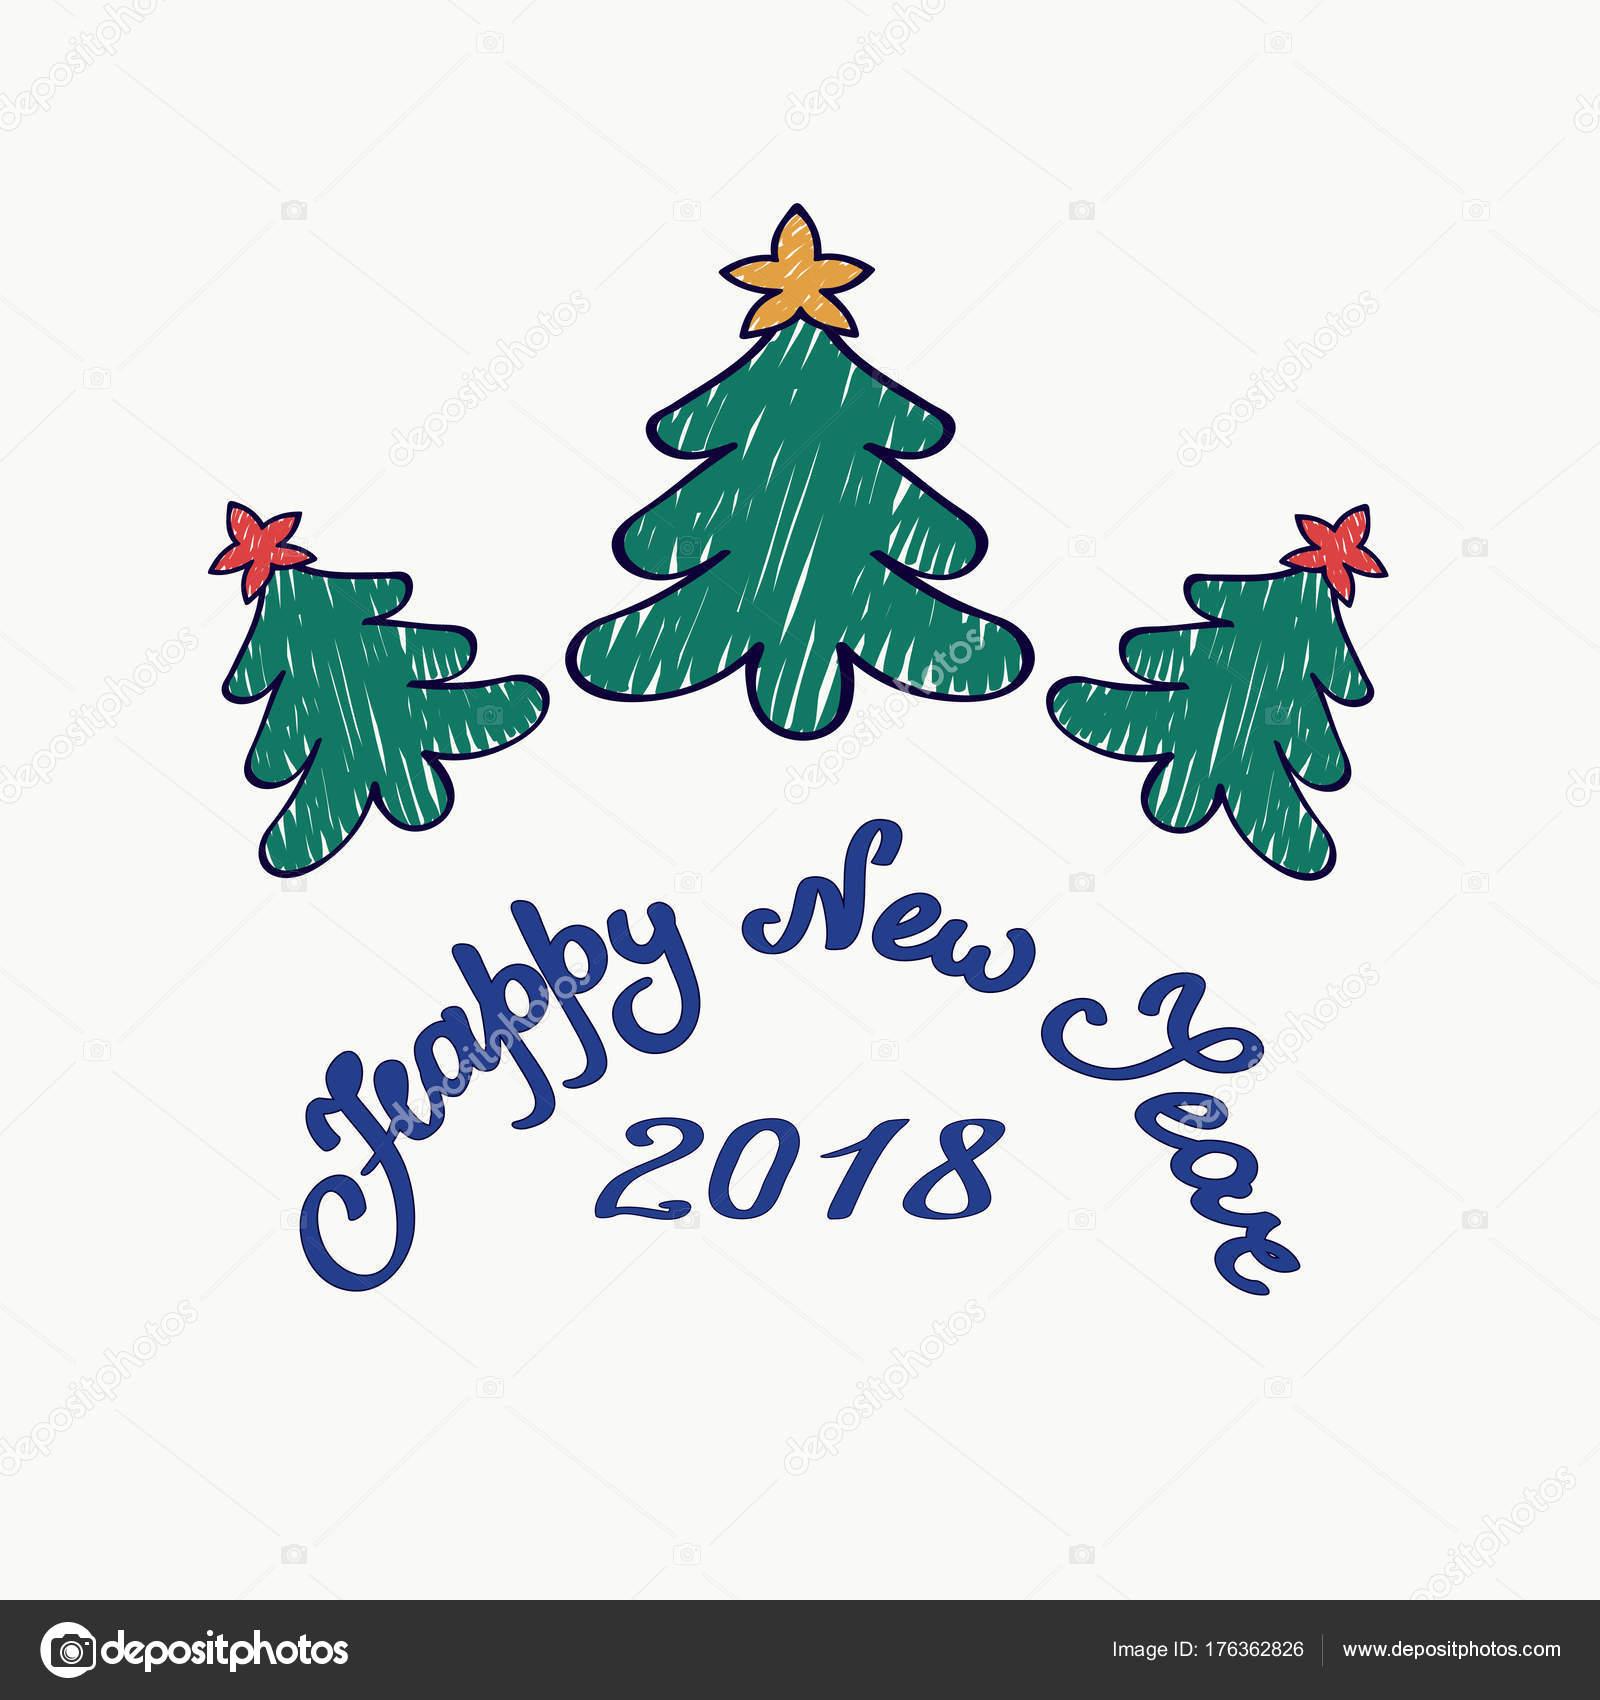 Dibujos De Arboles De Navidad Pintados.Dibujos Navidad Pintados Que Diga Feliz Navidad Tarjeta